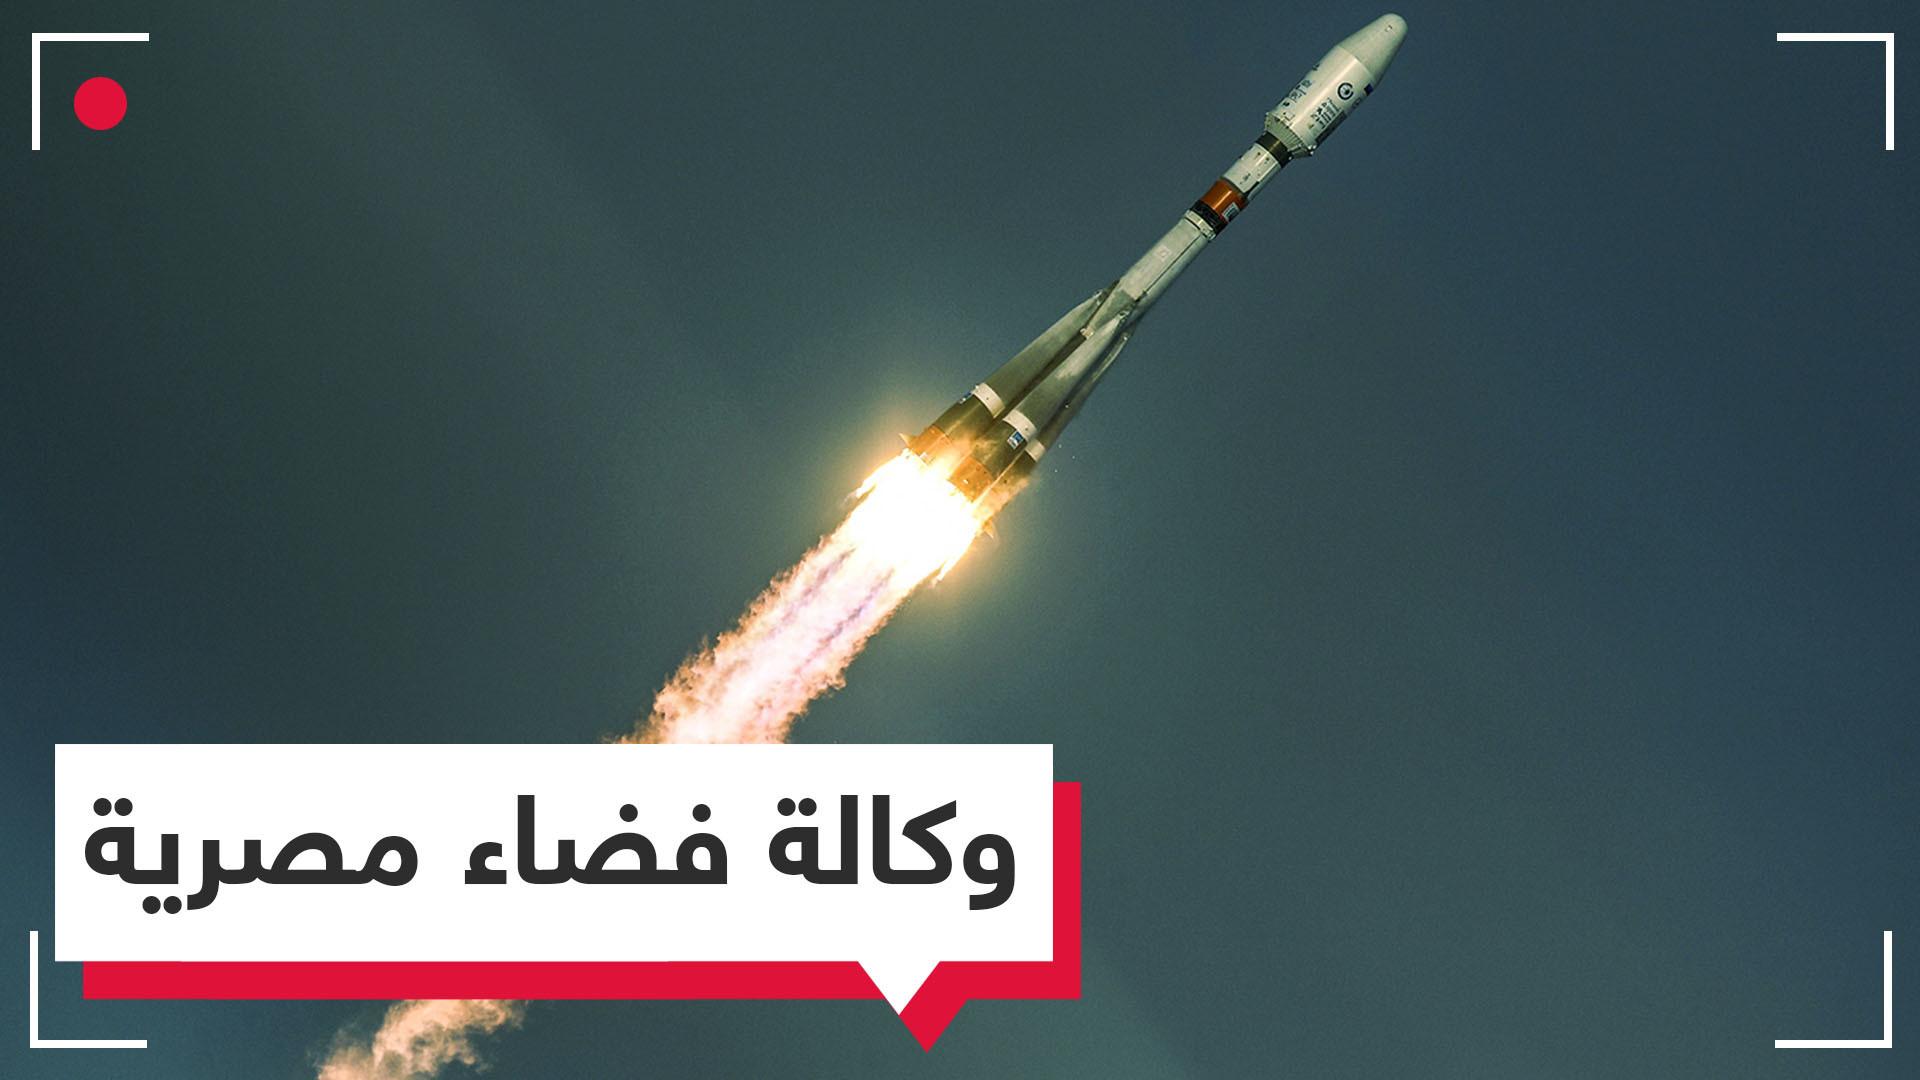 بعد فيديو الـ4k.. هذا ما نعرفه عن مشروعات الفضاء المصرية